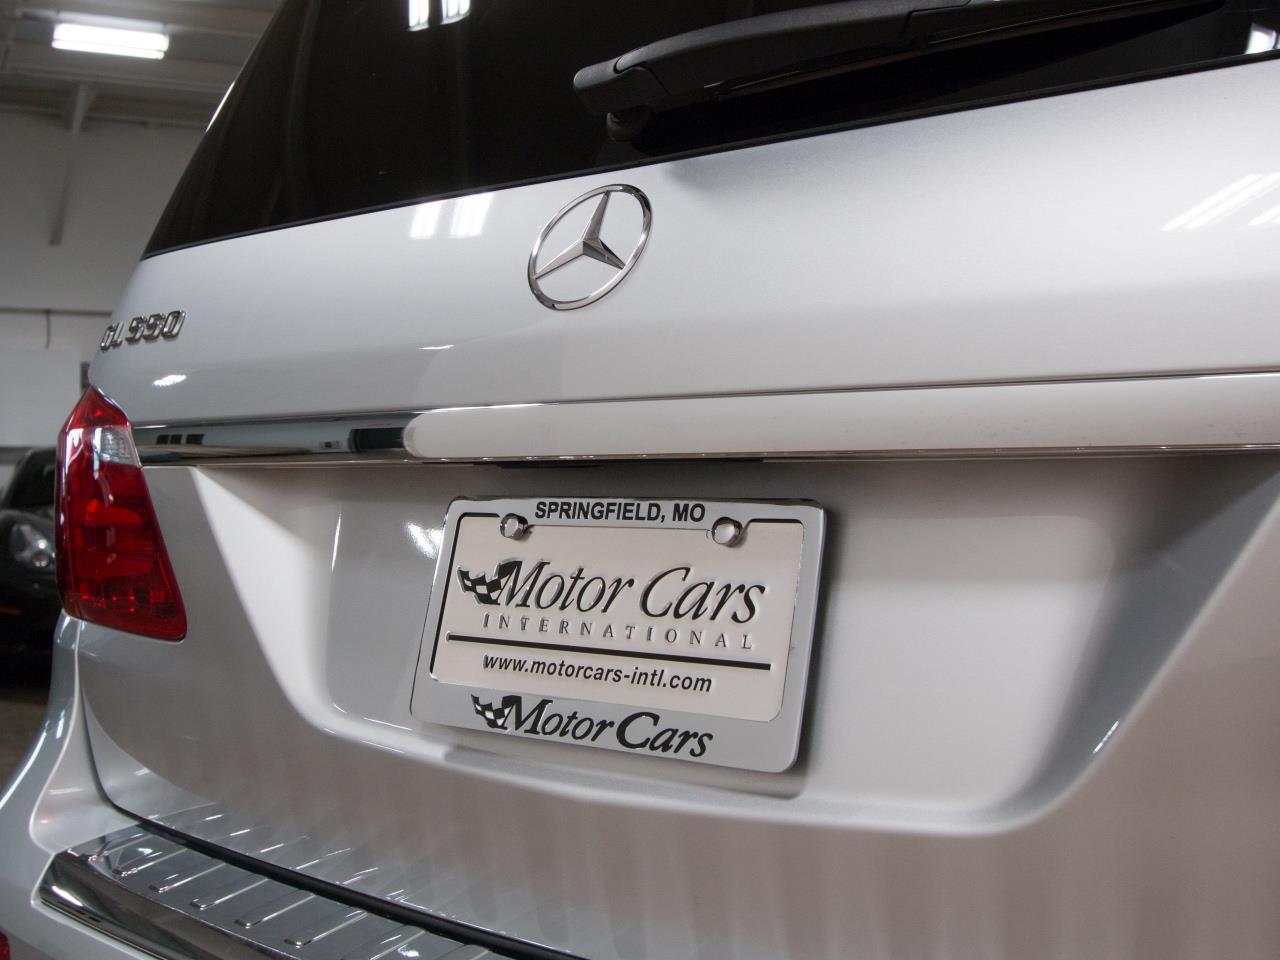 Mercedes benz dealer springfield mo fiat world test drive for Elite mercedes benz springfield missouri